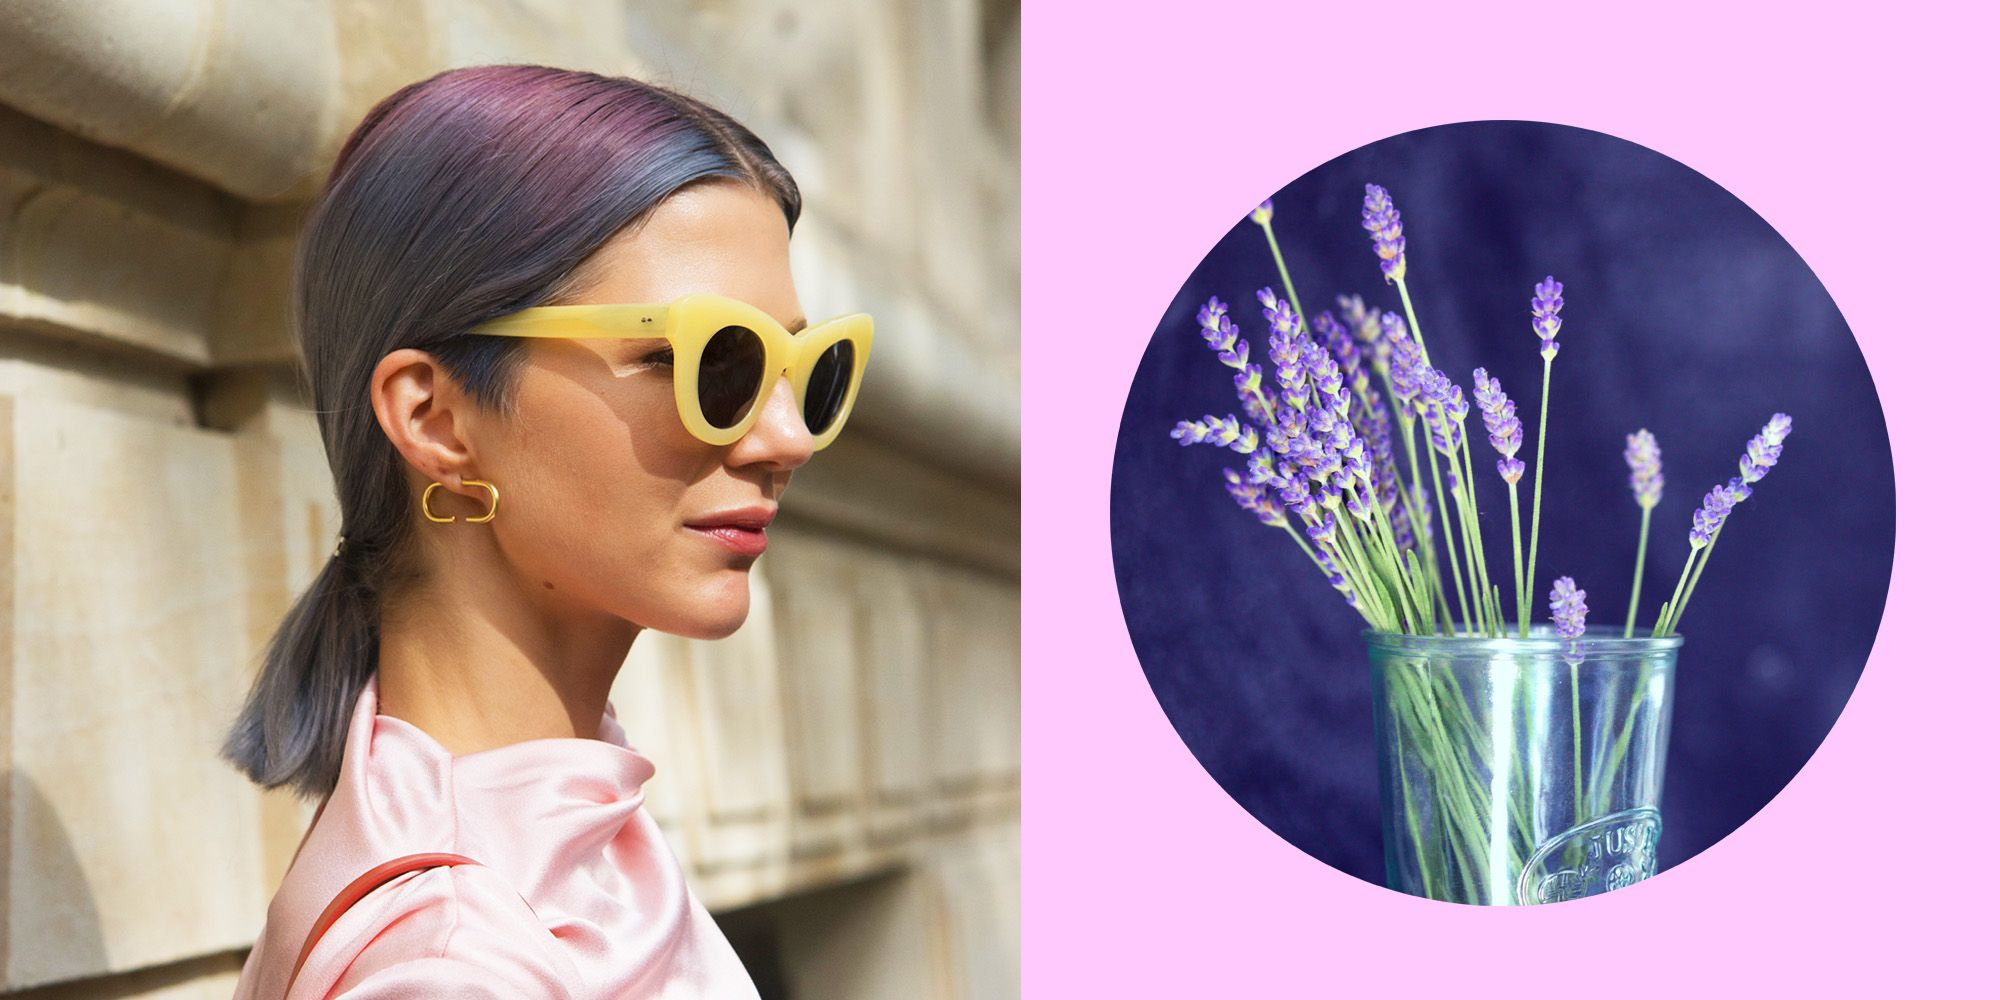 Colore capelli primavera 2019, il lavender gray è il mix hipster che si accende con le luci dei festival